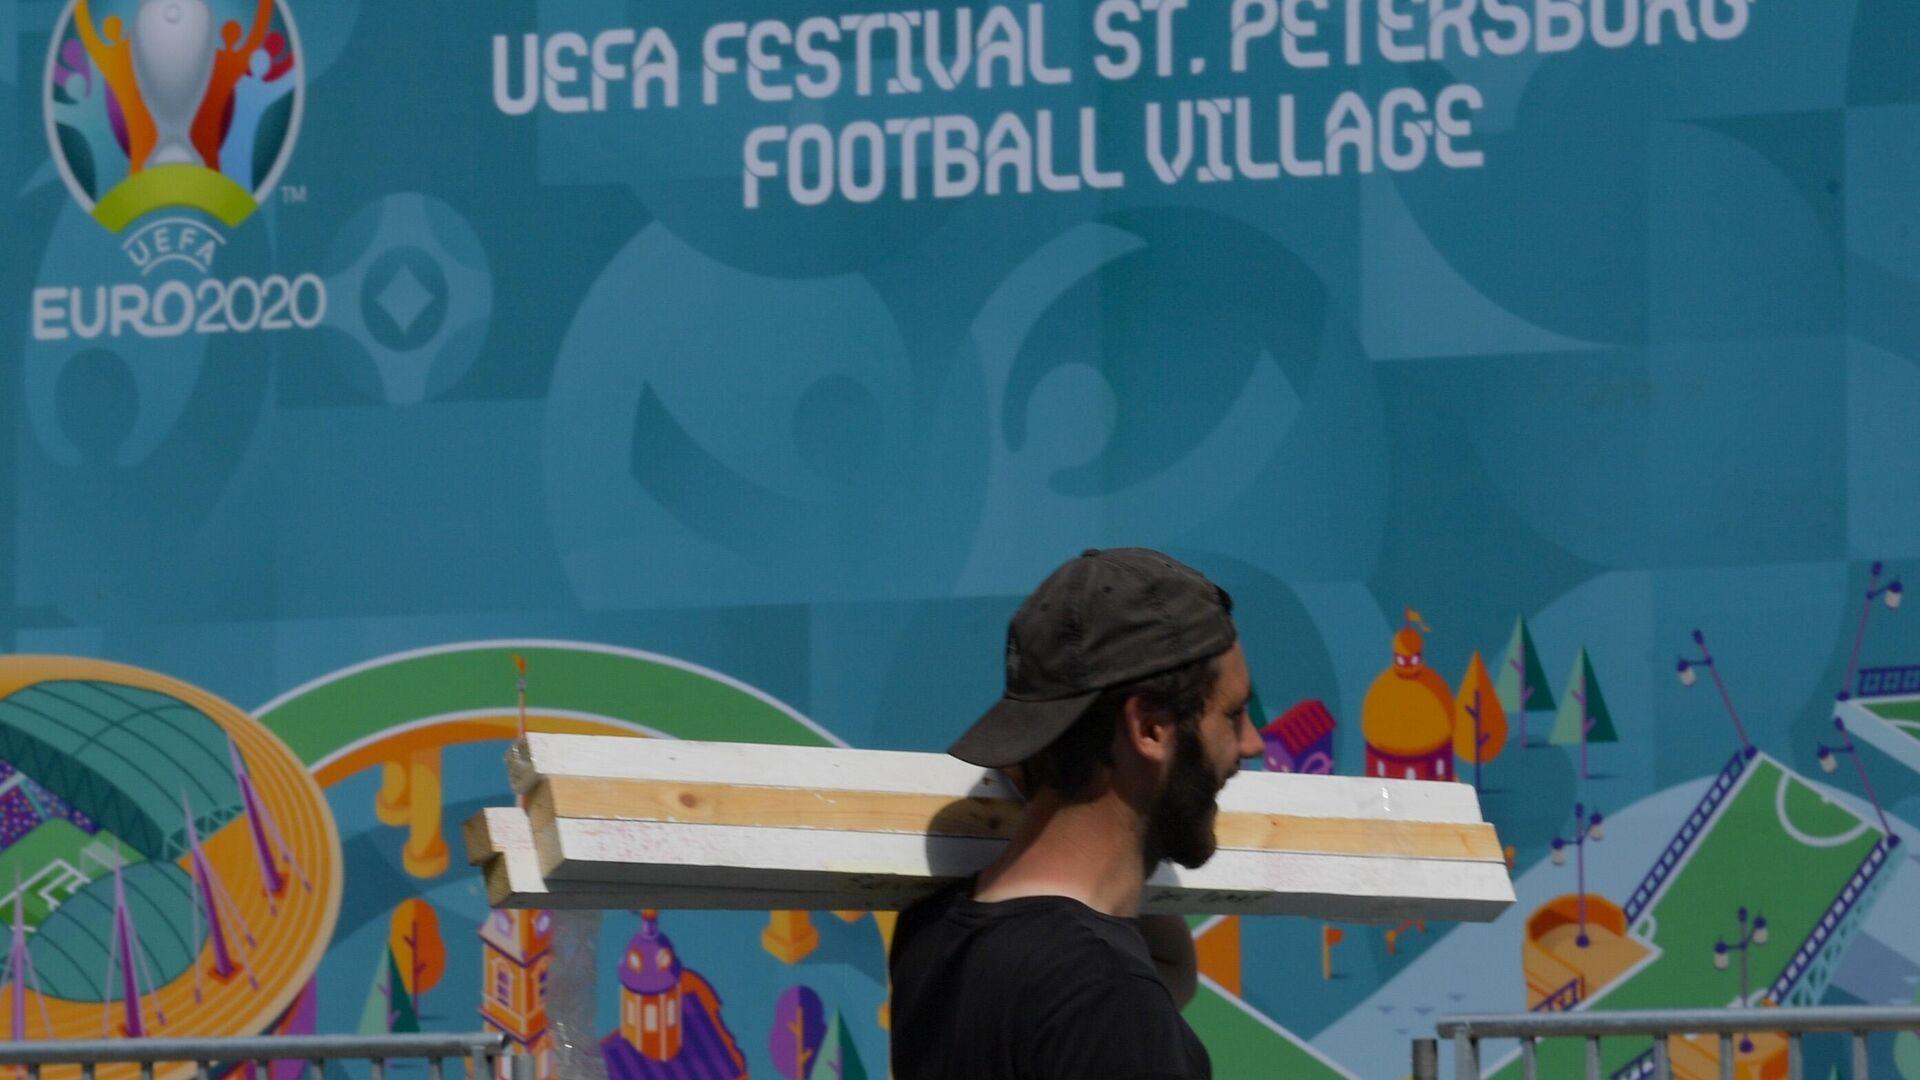 Монтаж футбольной деревни фестиваля UEFA EURO 2020 в Санкт-Петербурге. Футбольный турнир пройдет с 11 июня по 11 июля 2021 года. Впервые в истории чемпионата Европы по футболу матчи будут проходить в 12 городах. - РИА Новости, 1920, 22.06.2021